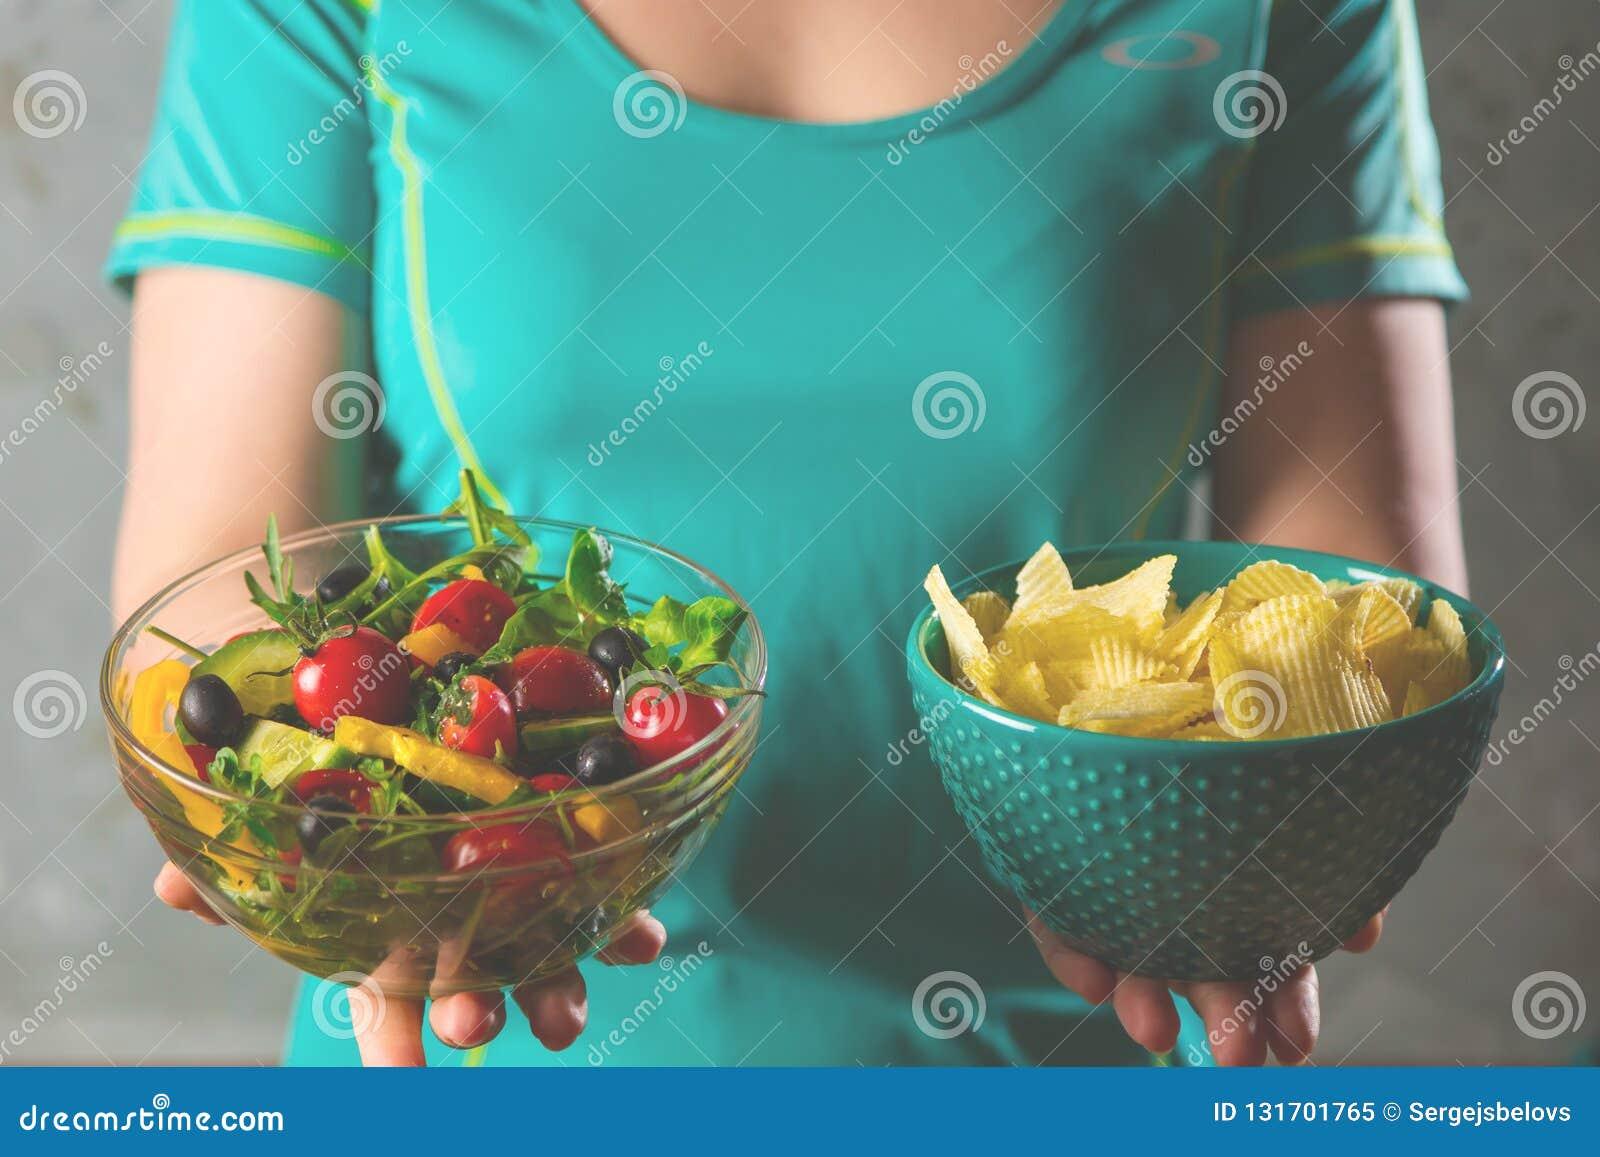 Gesunde junge Frau, die gesunde und ungesunde Nahrung, versuchend, die rechte Wahl zu treffen betrachtet